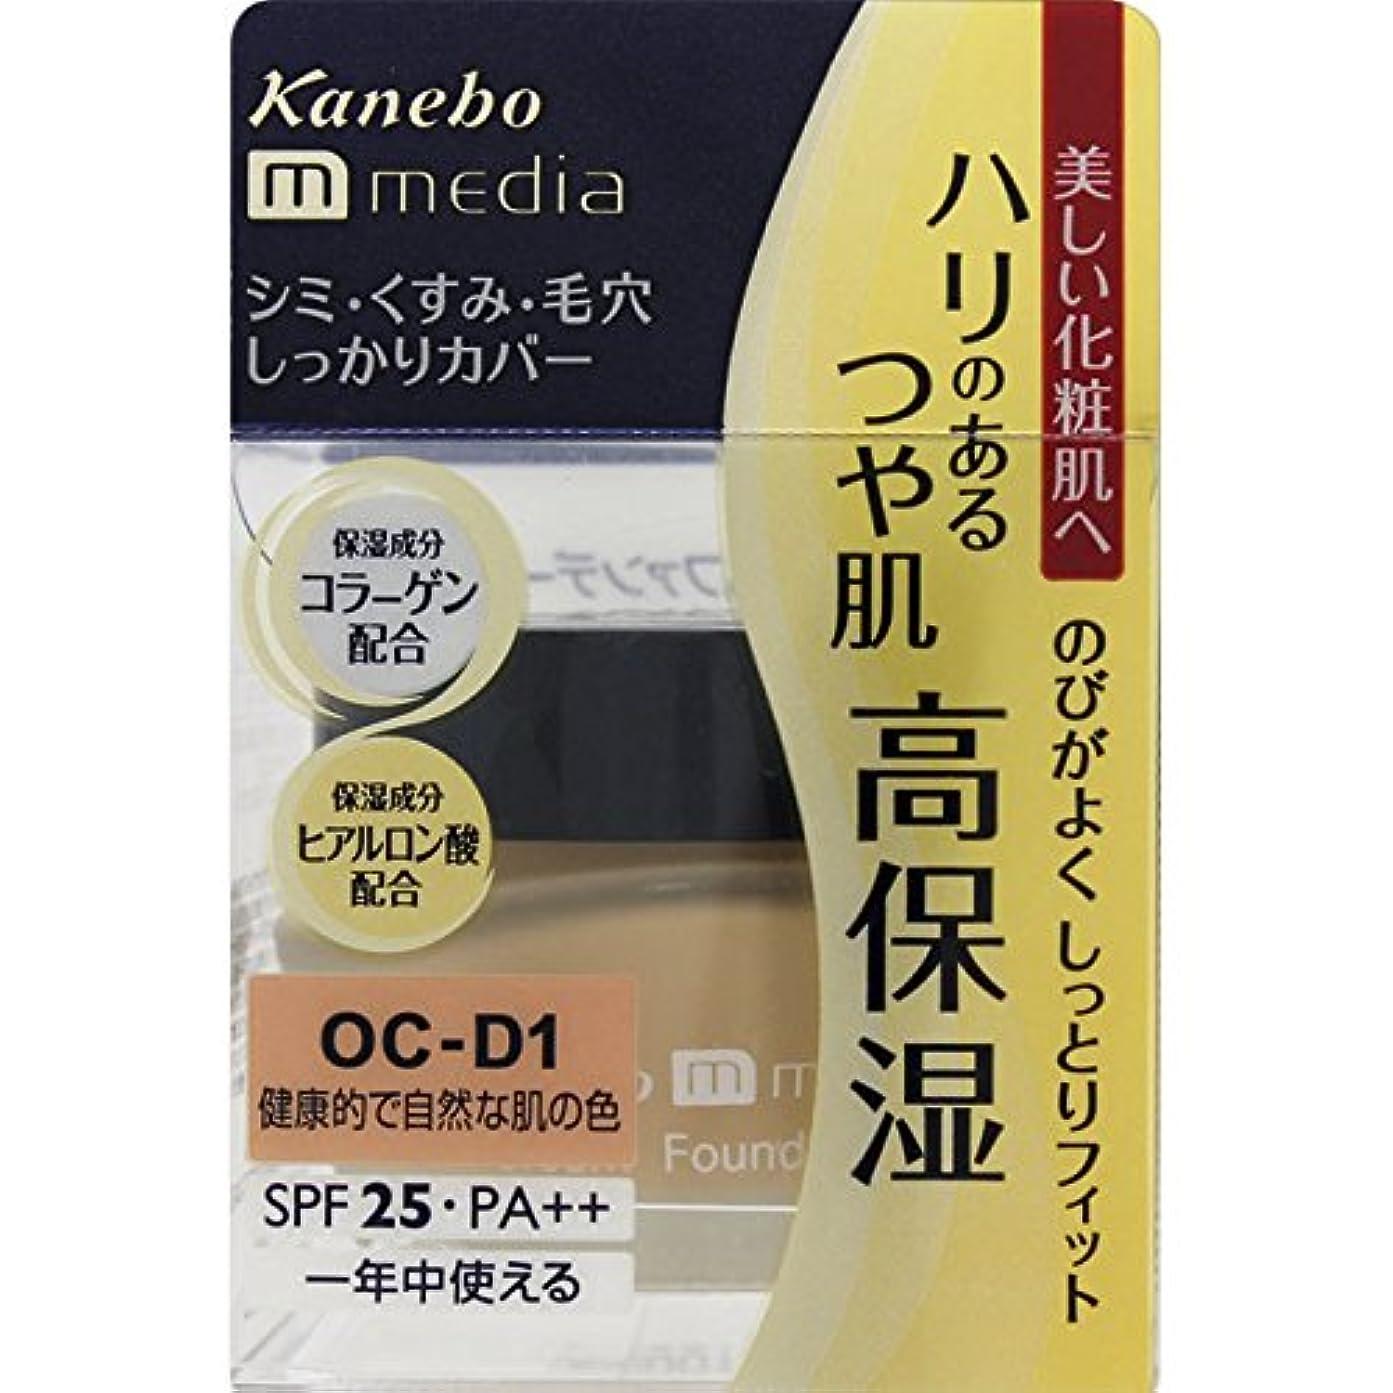 葉お願いします差し迫ったカネボウ化粧品 メディア クリームファンデーション 健康的で自然な肌の色 OC-D1